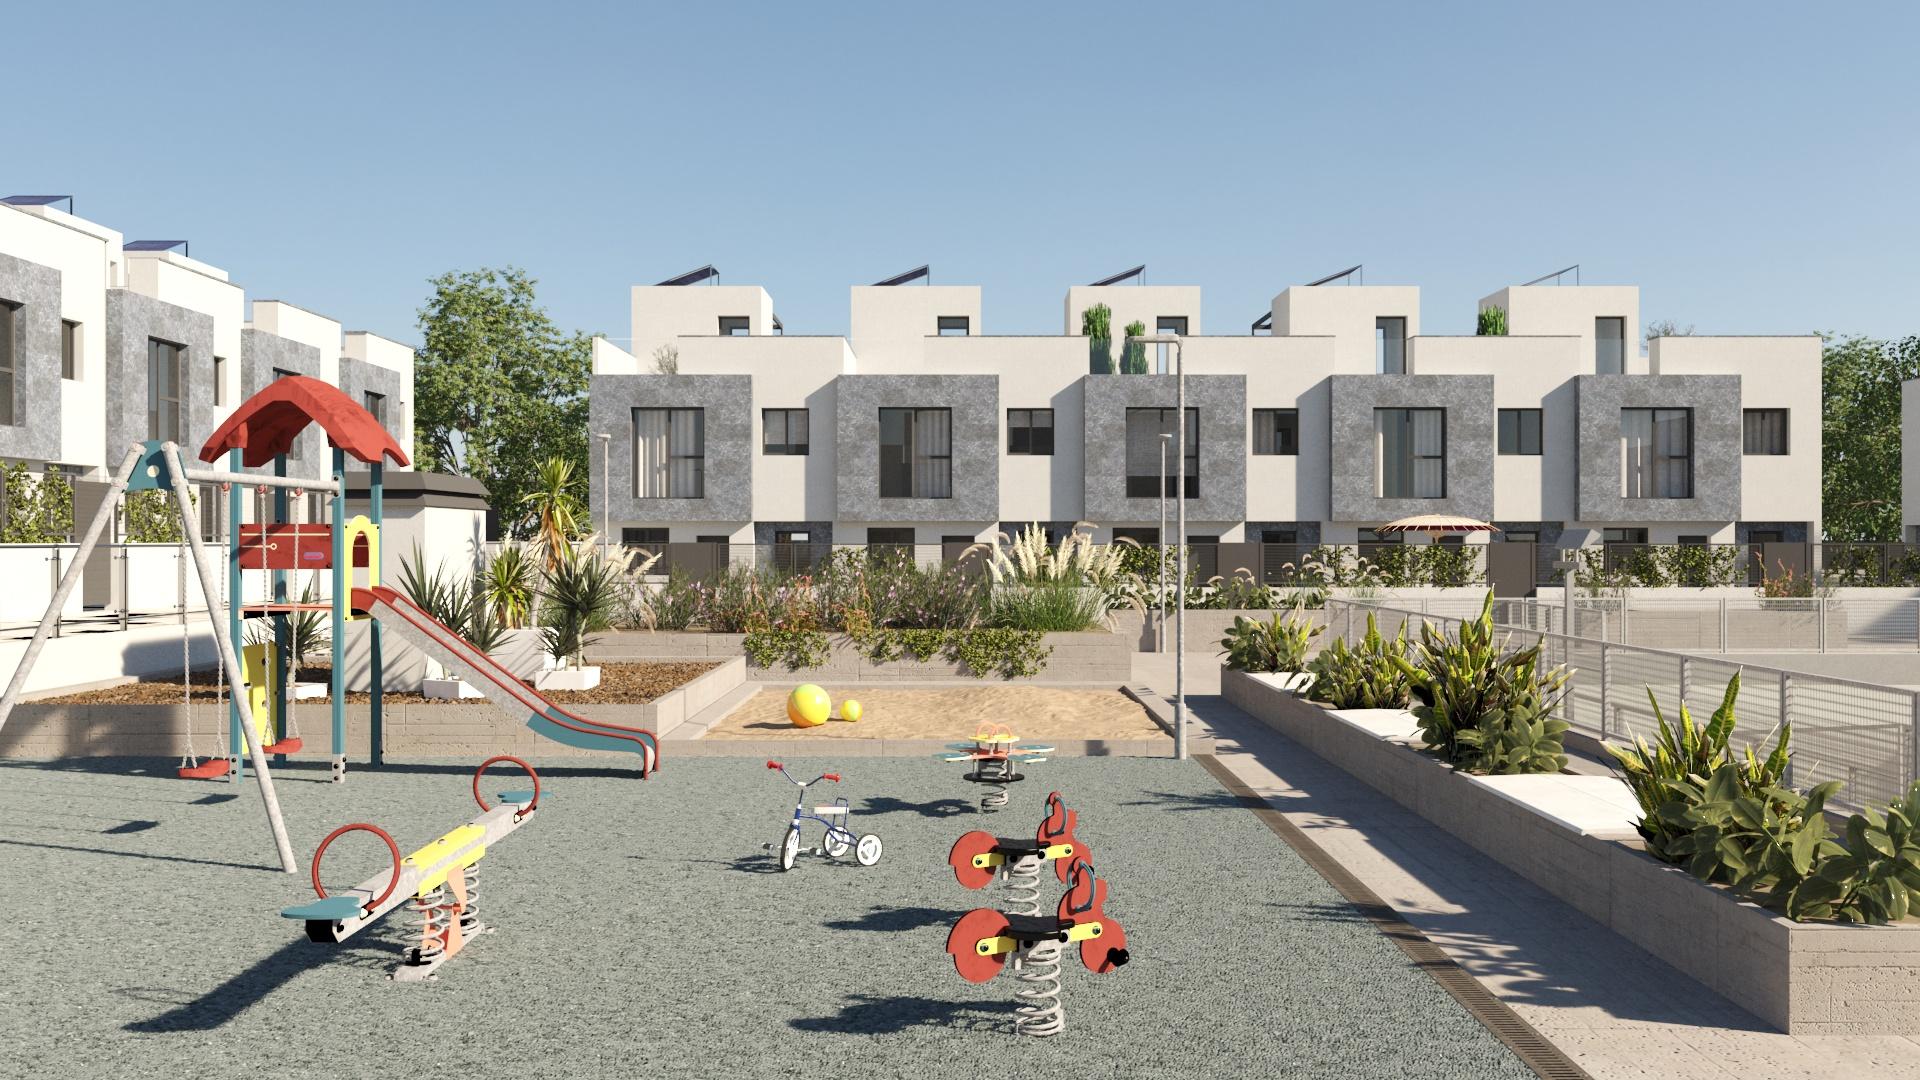 Parque infantil Residencial Suertes de la Villa El Cañaveral